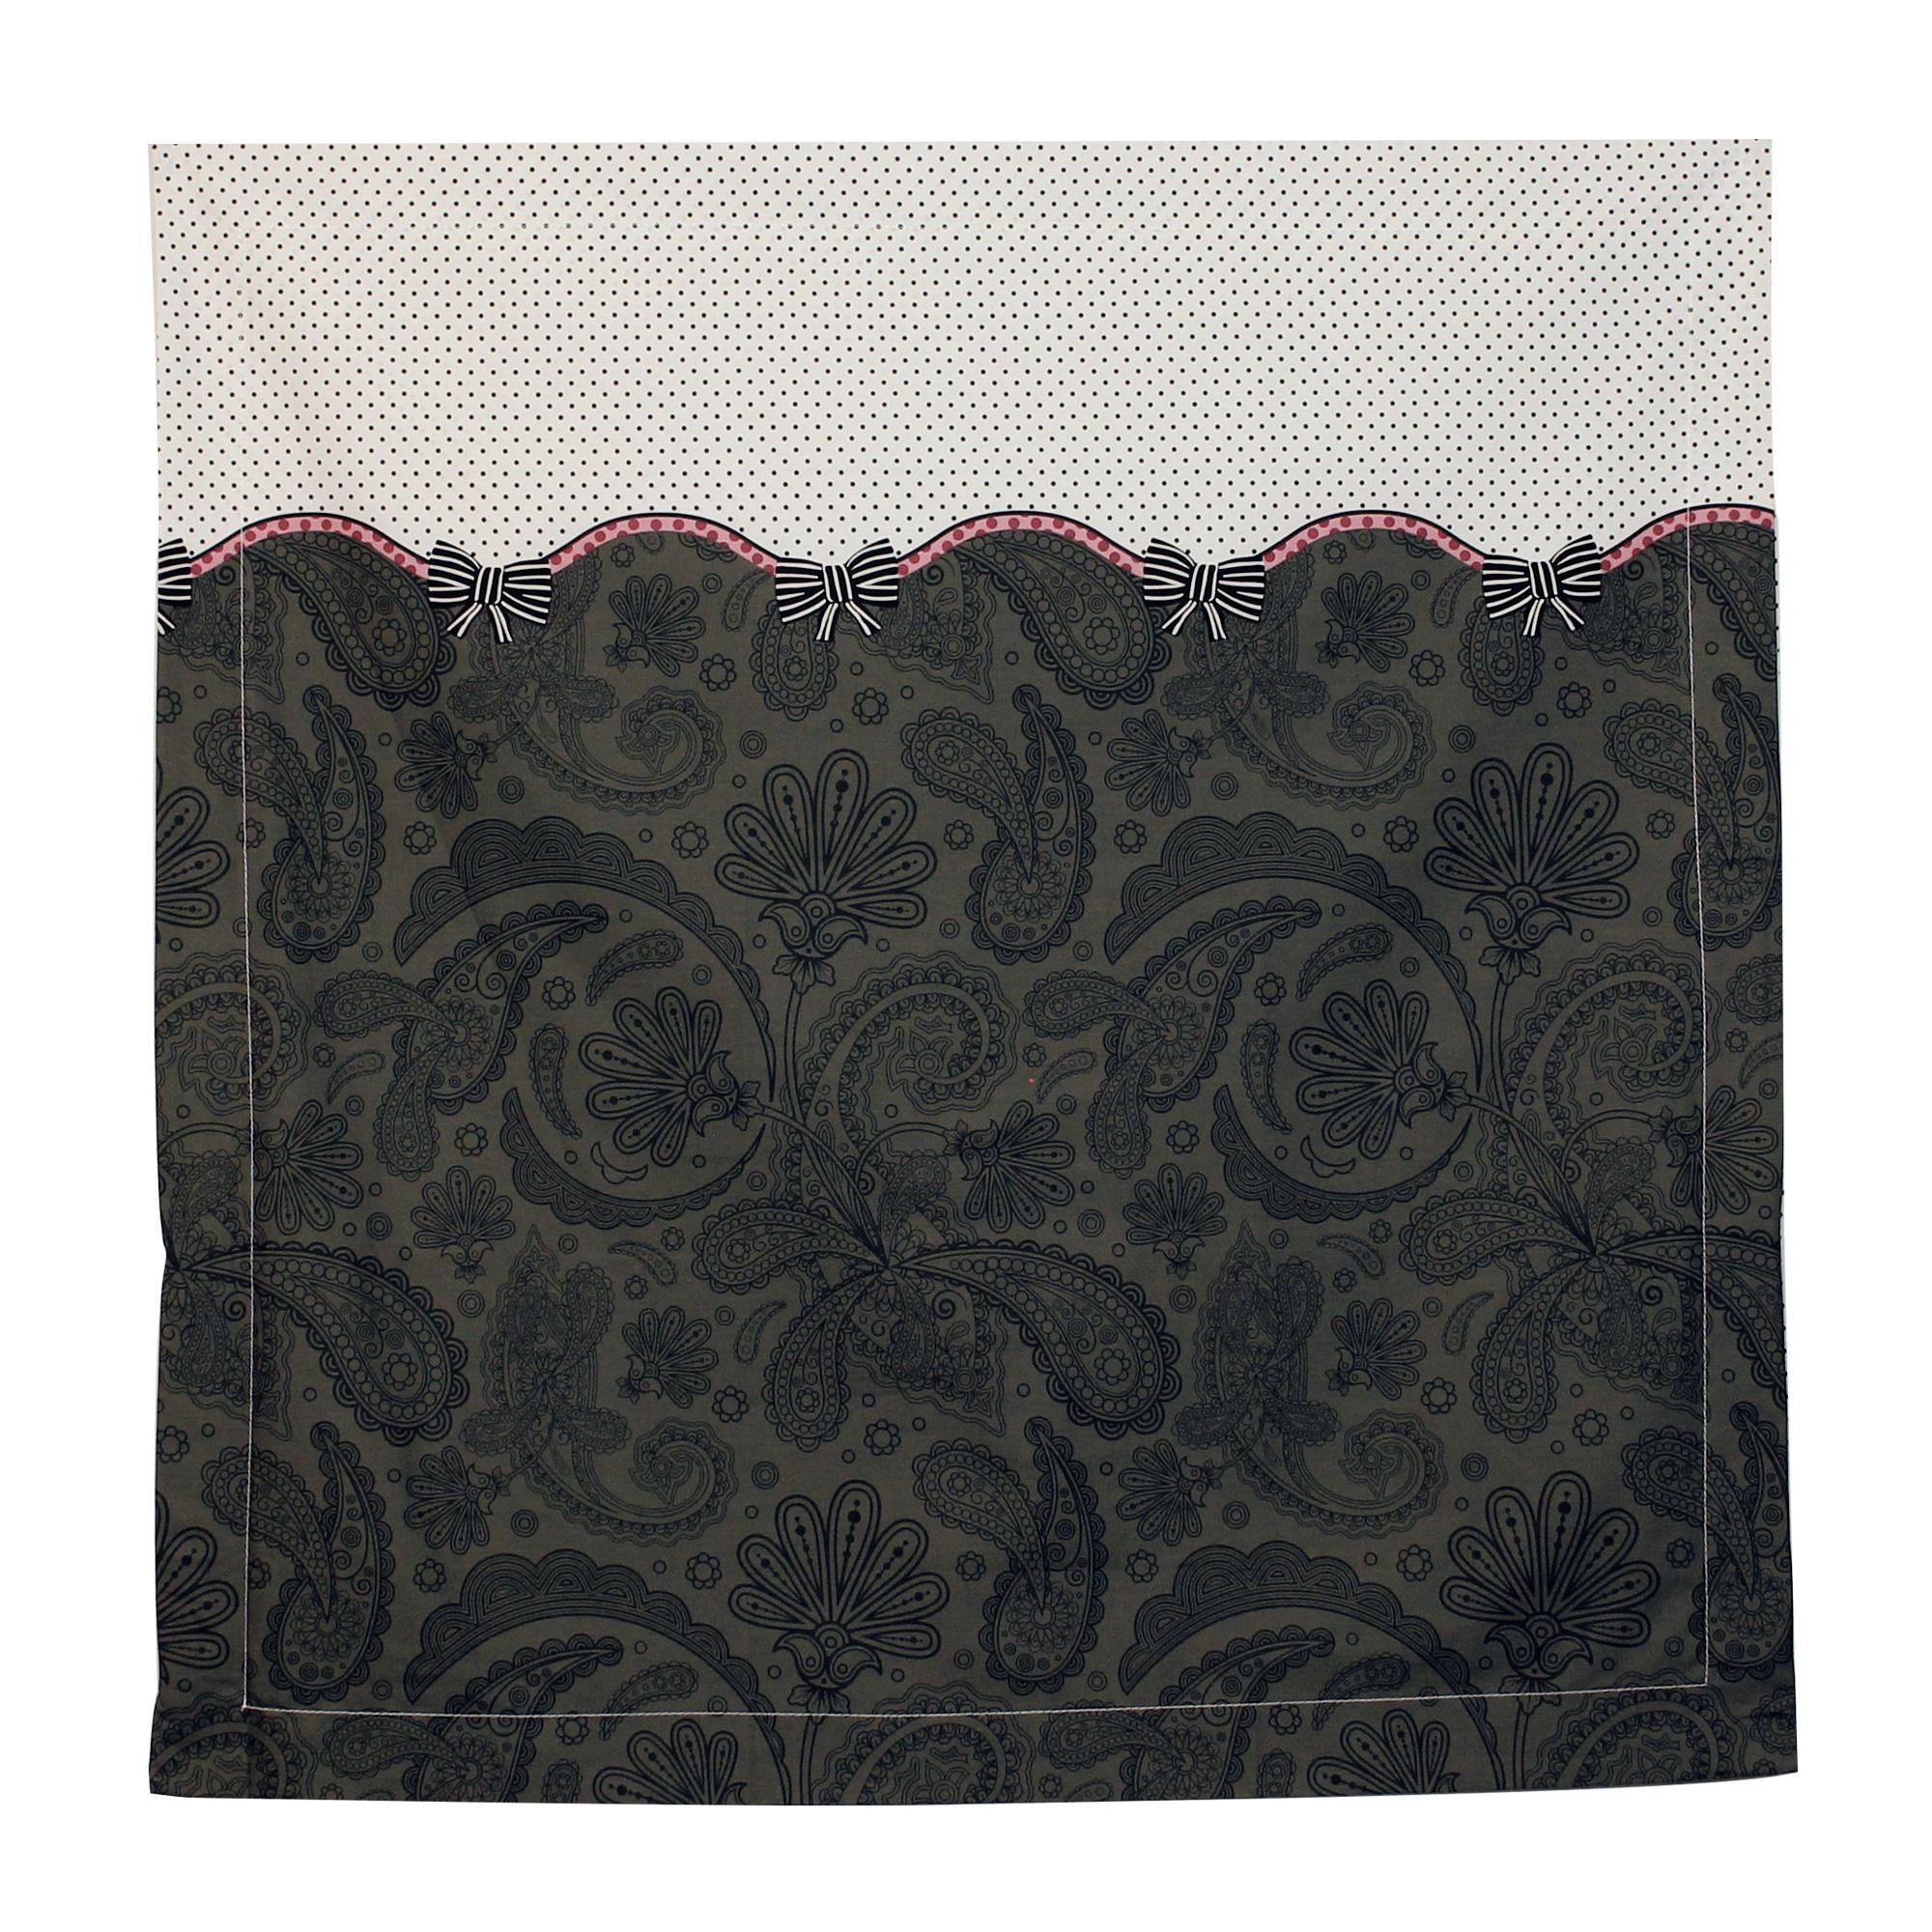 parure de lit 260x240 cm percale pur coton sensuel ebay. Black Bedroom Furniture Sets. Home Design Ideas